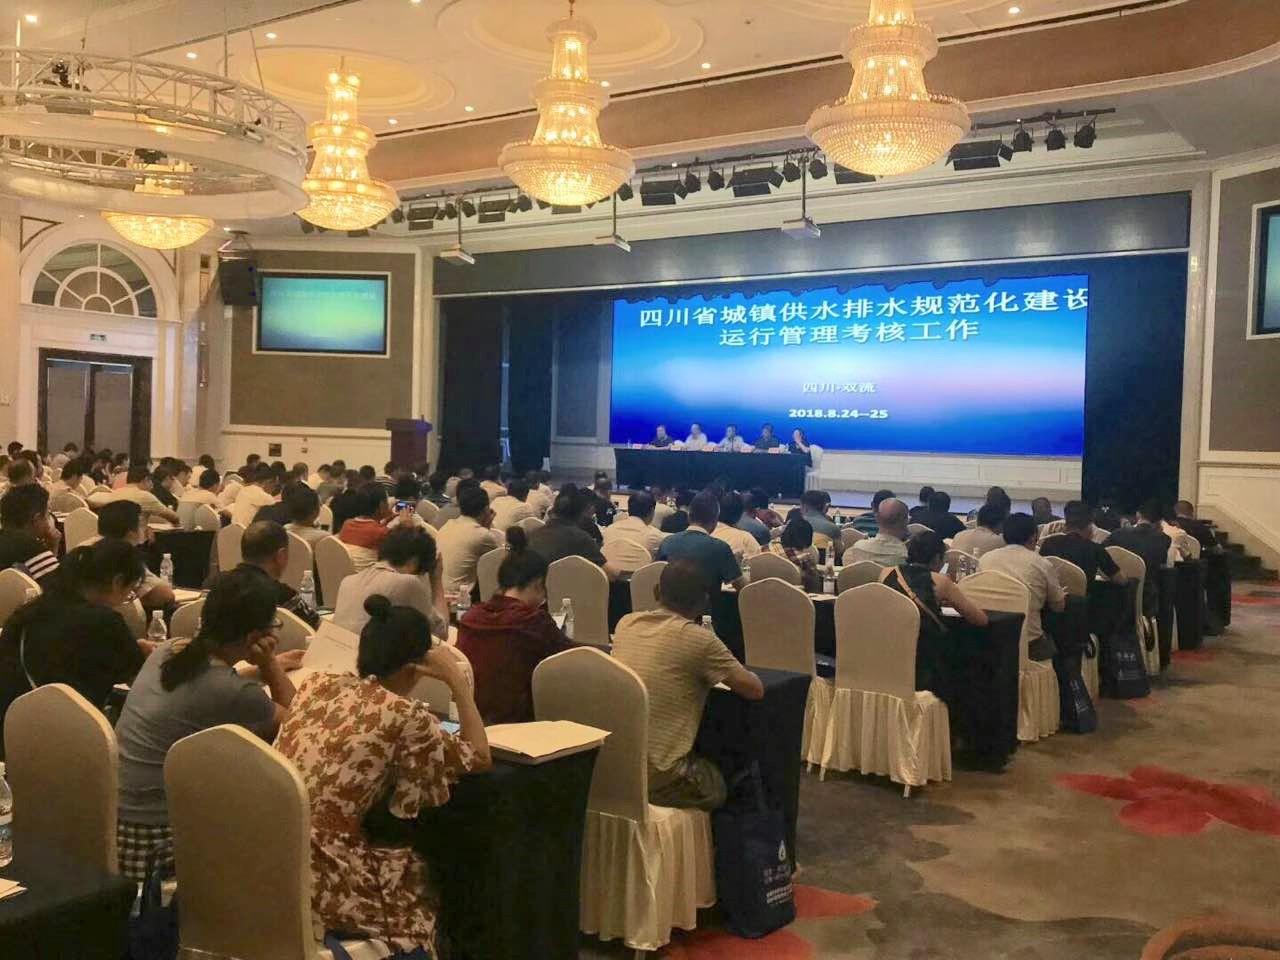 四川水协顺利召开城镇供水排水规范化建设、运行管理考核工作会议